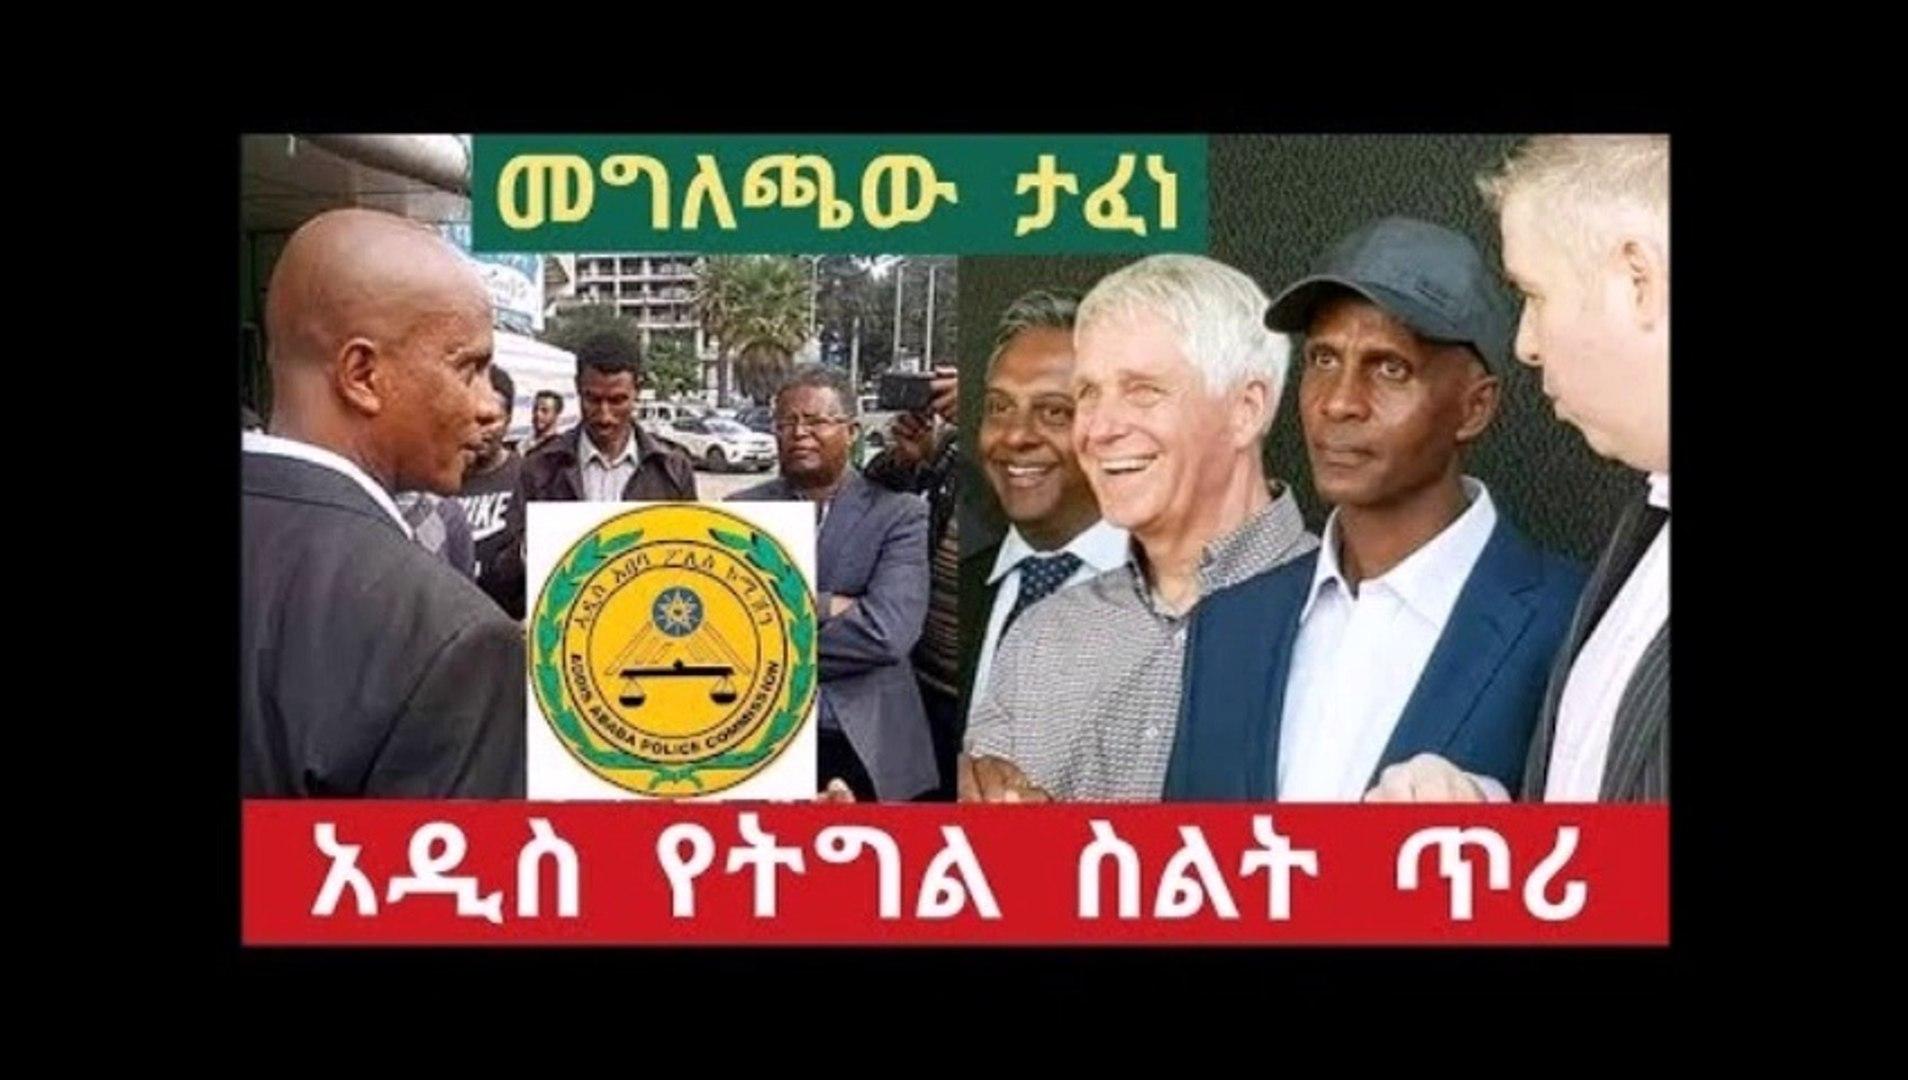 Addis ababa - ባላደራው ምክር ቤት ላይ አፈናው ቀጠለ ጥሪ አቅርበዋል ተሳተፉ ።